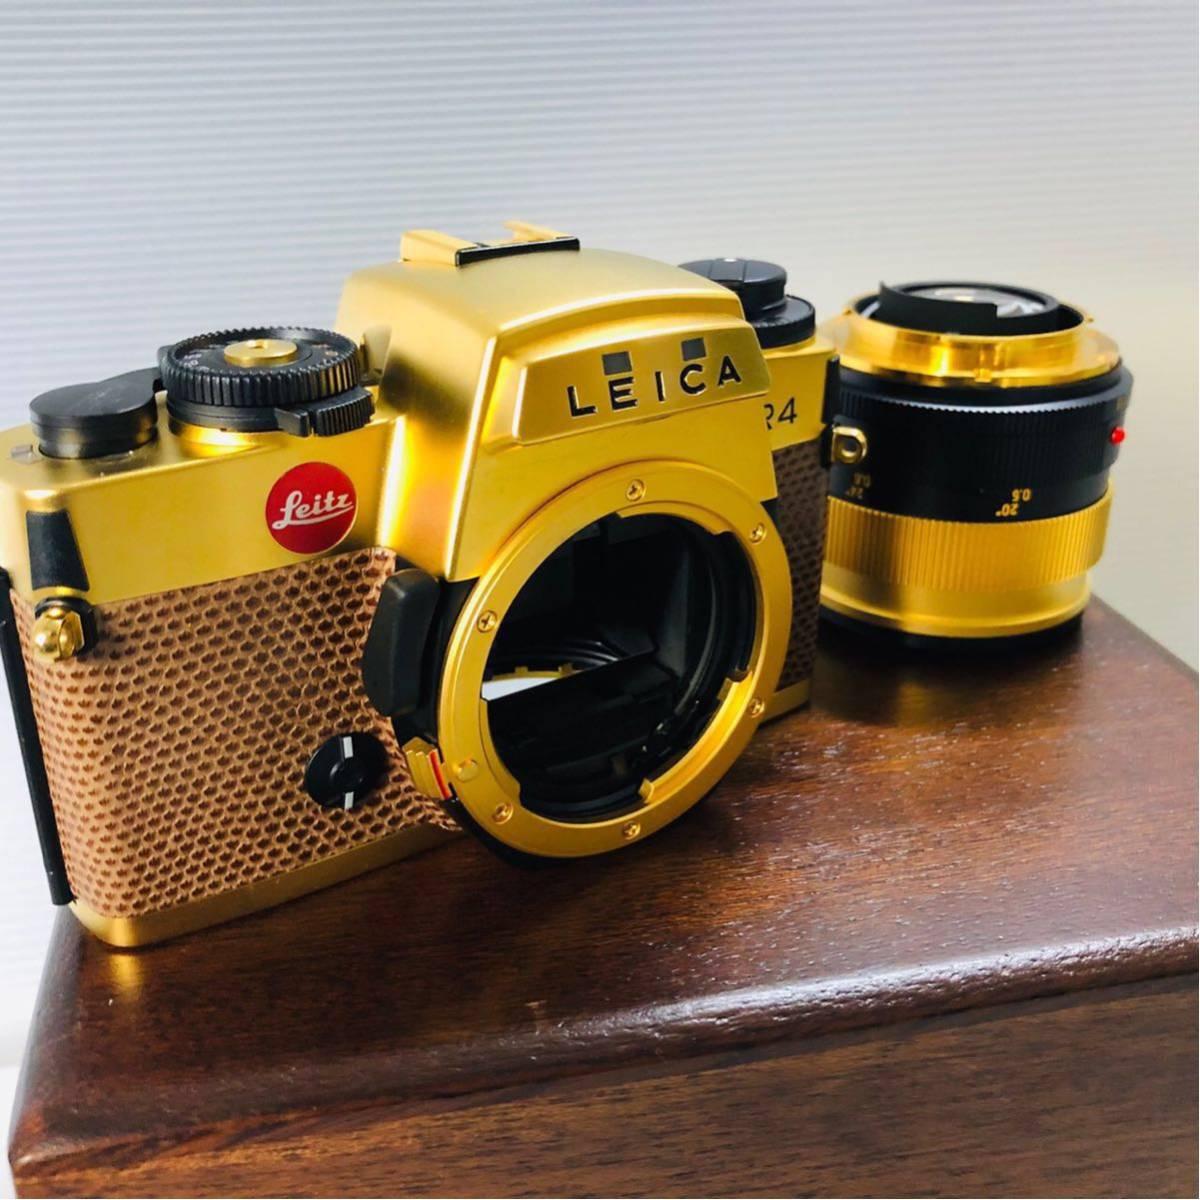 【極美品】Leica R4 SUMMILUX-R 1:1.4 50 LEITZ WETZLAR カメラ 希少_画像7